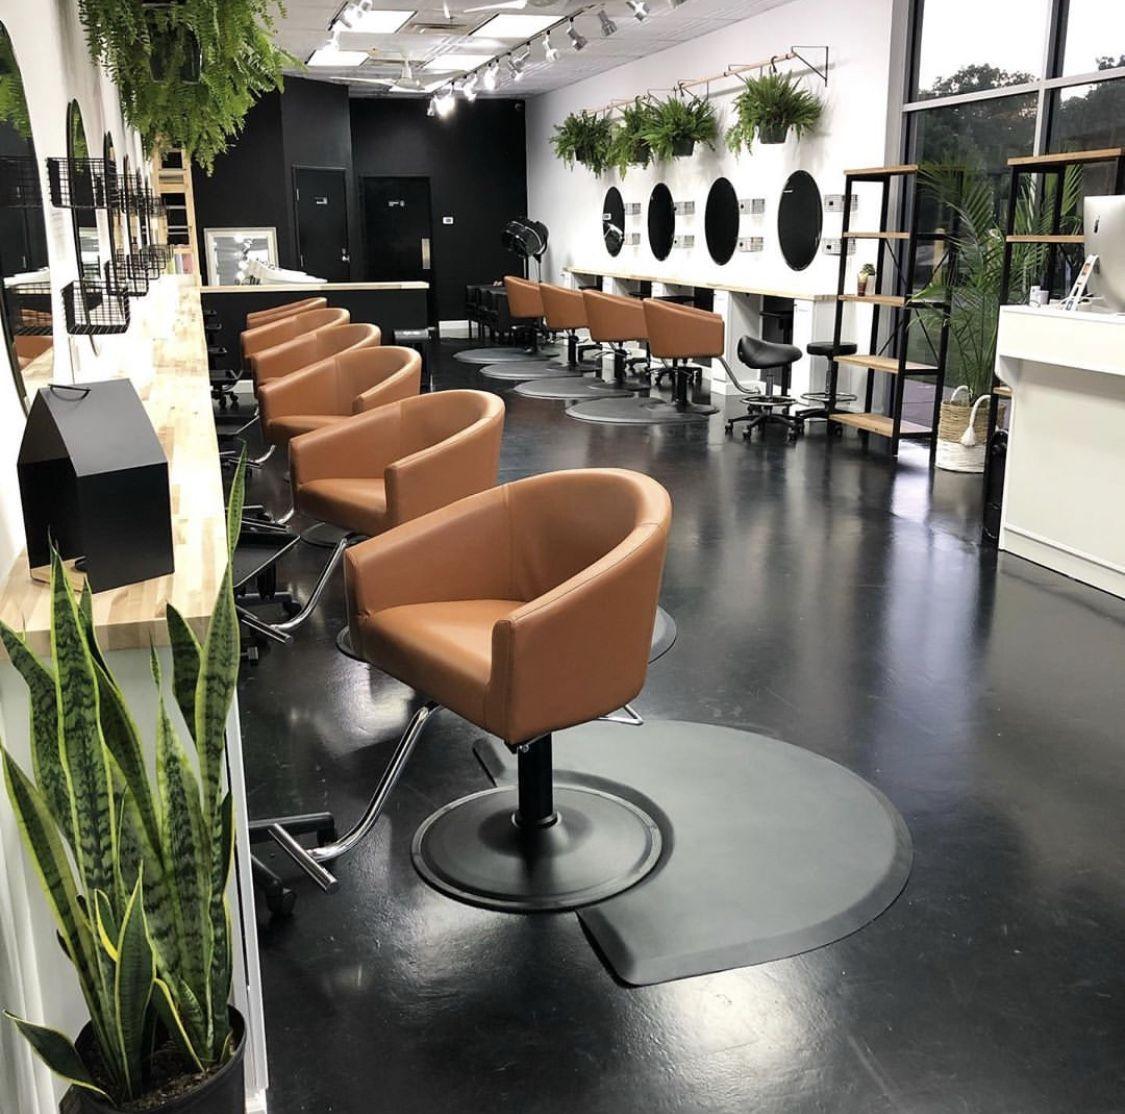 Hayden Hair Studio Myminerva Salon Suites Decor Hair Salon Interior Salon Interior Design